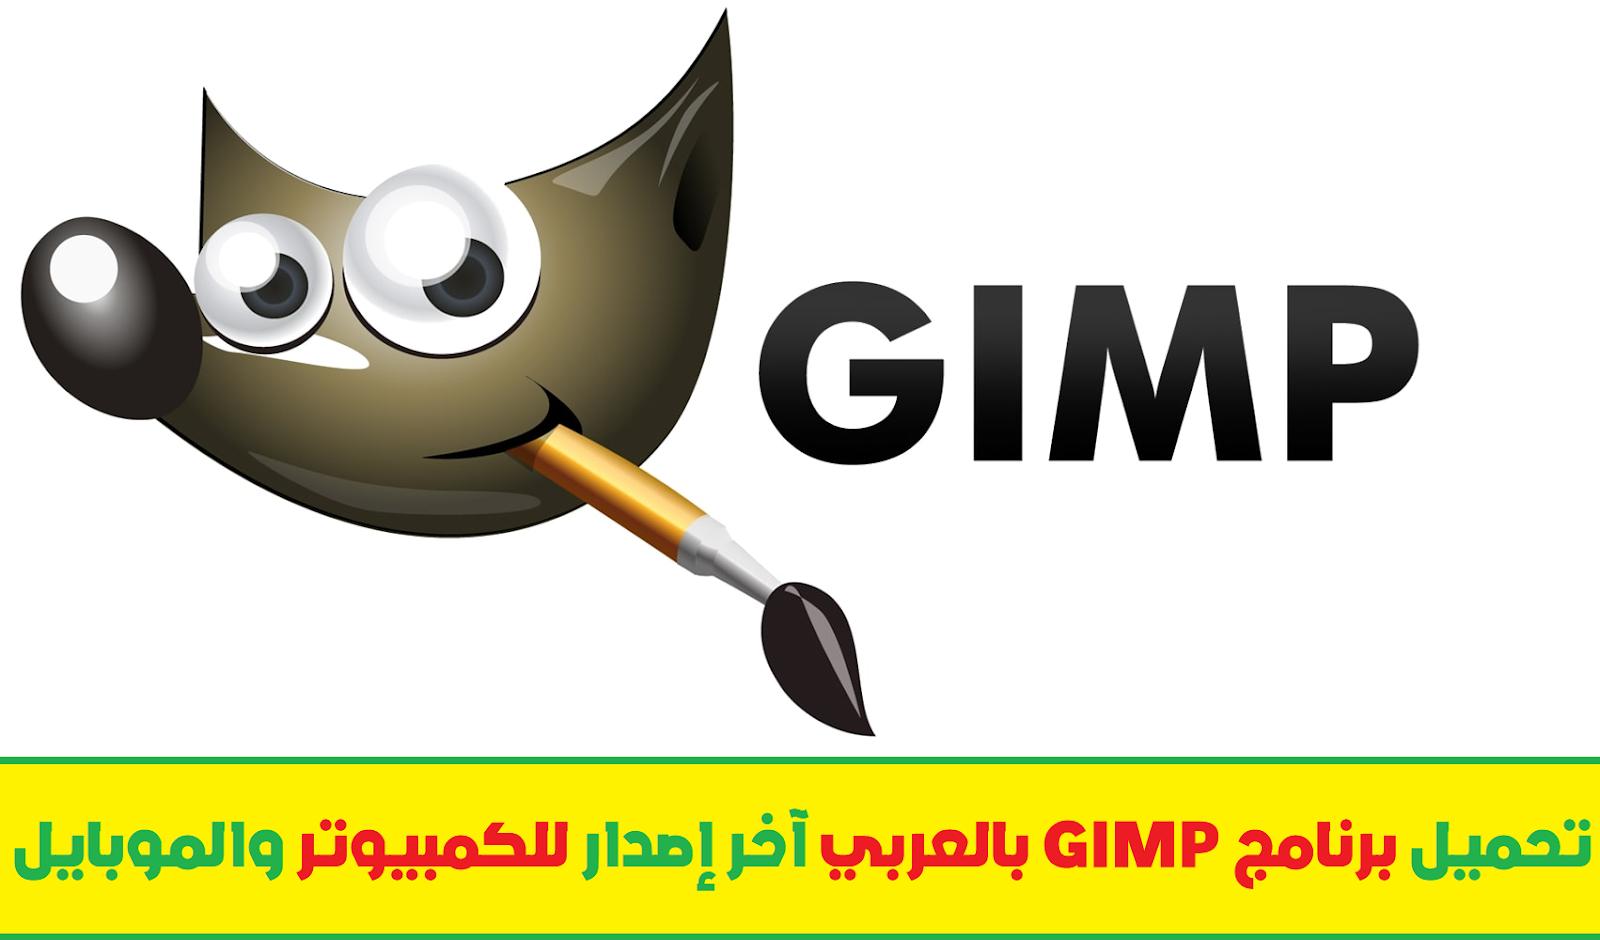 تحميل برنامج Gimp بالعربي آخر إصدار للكمبيوتر والموبايل